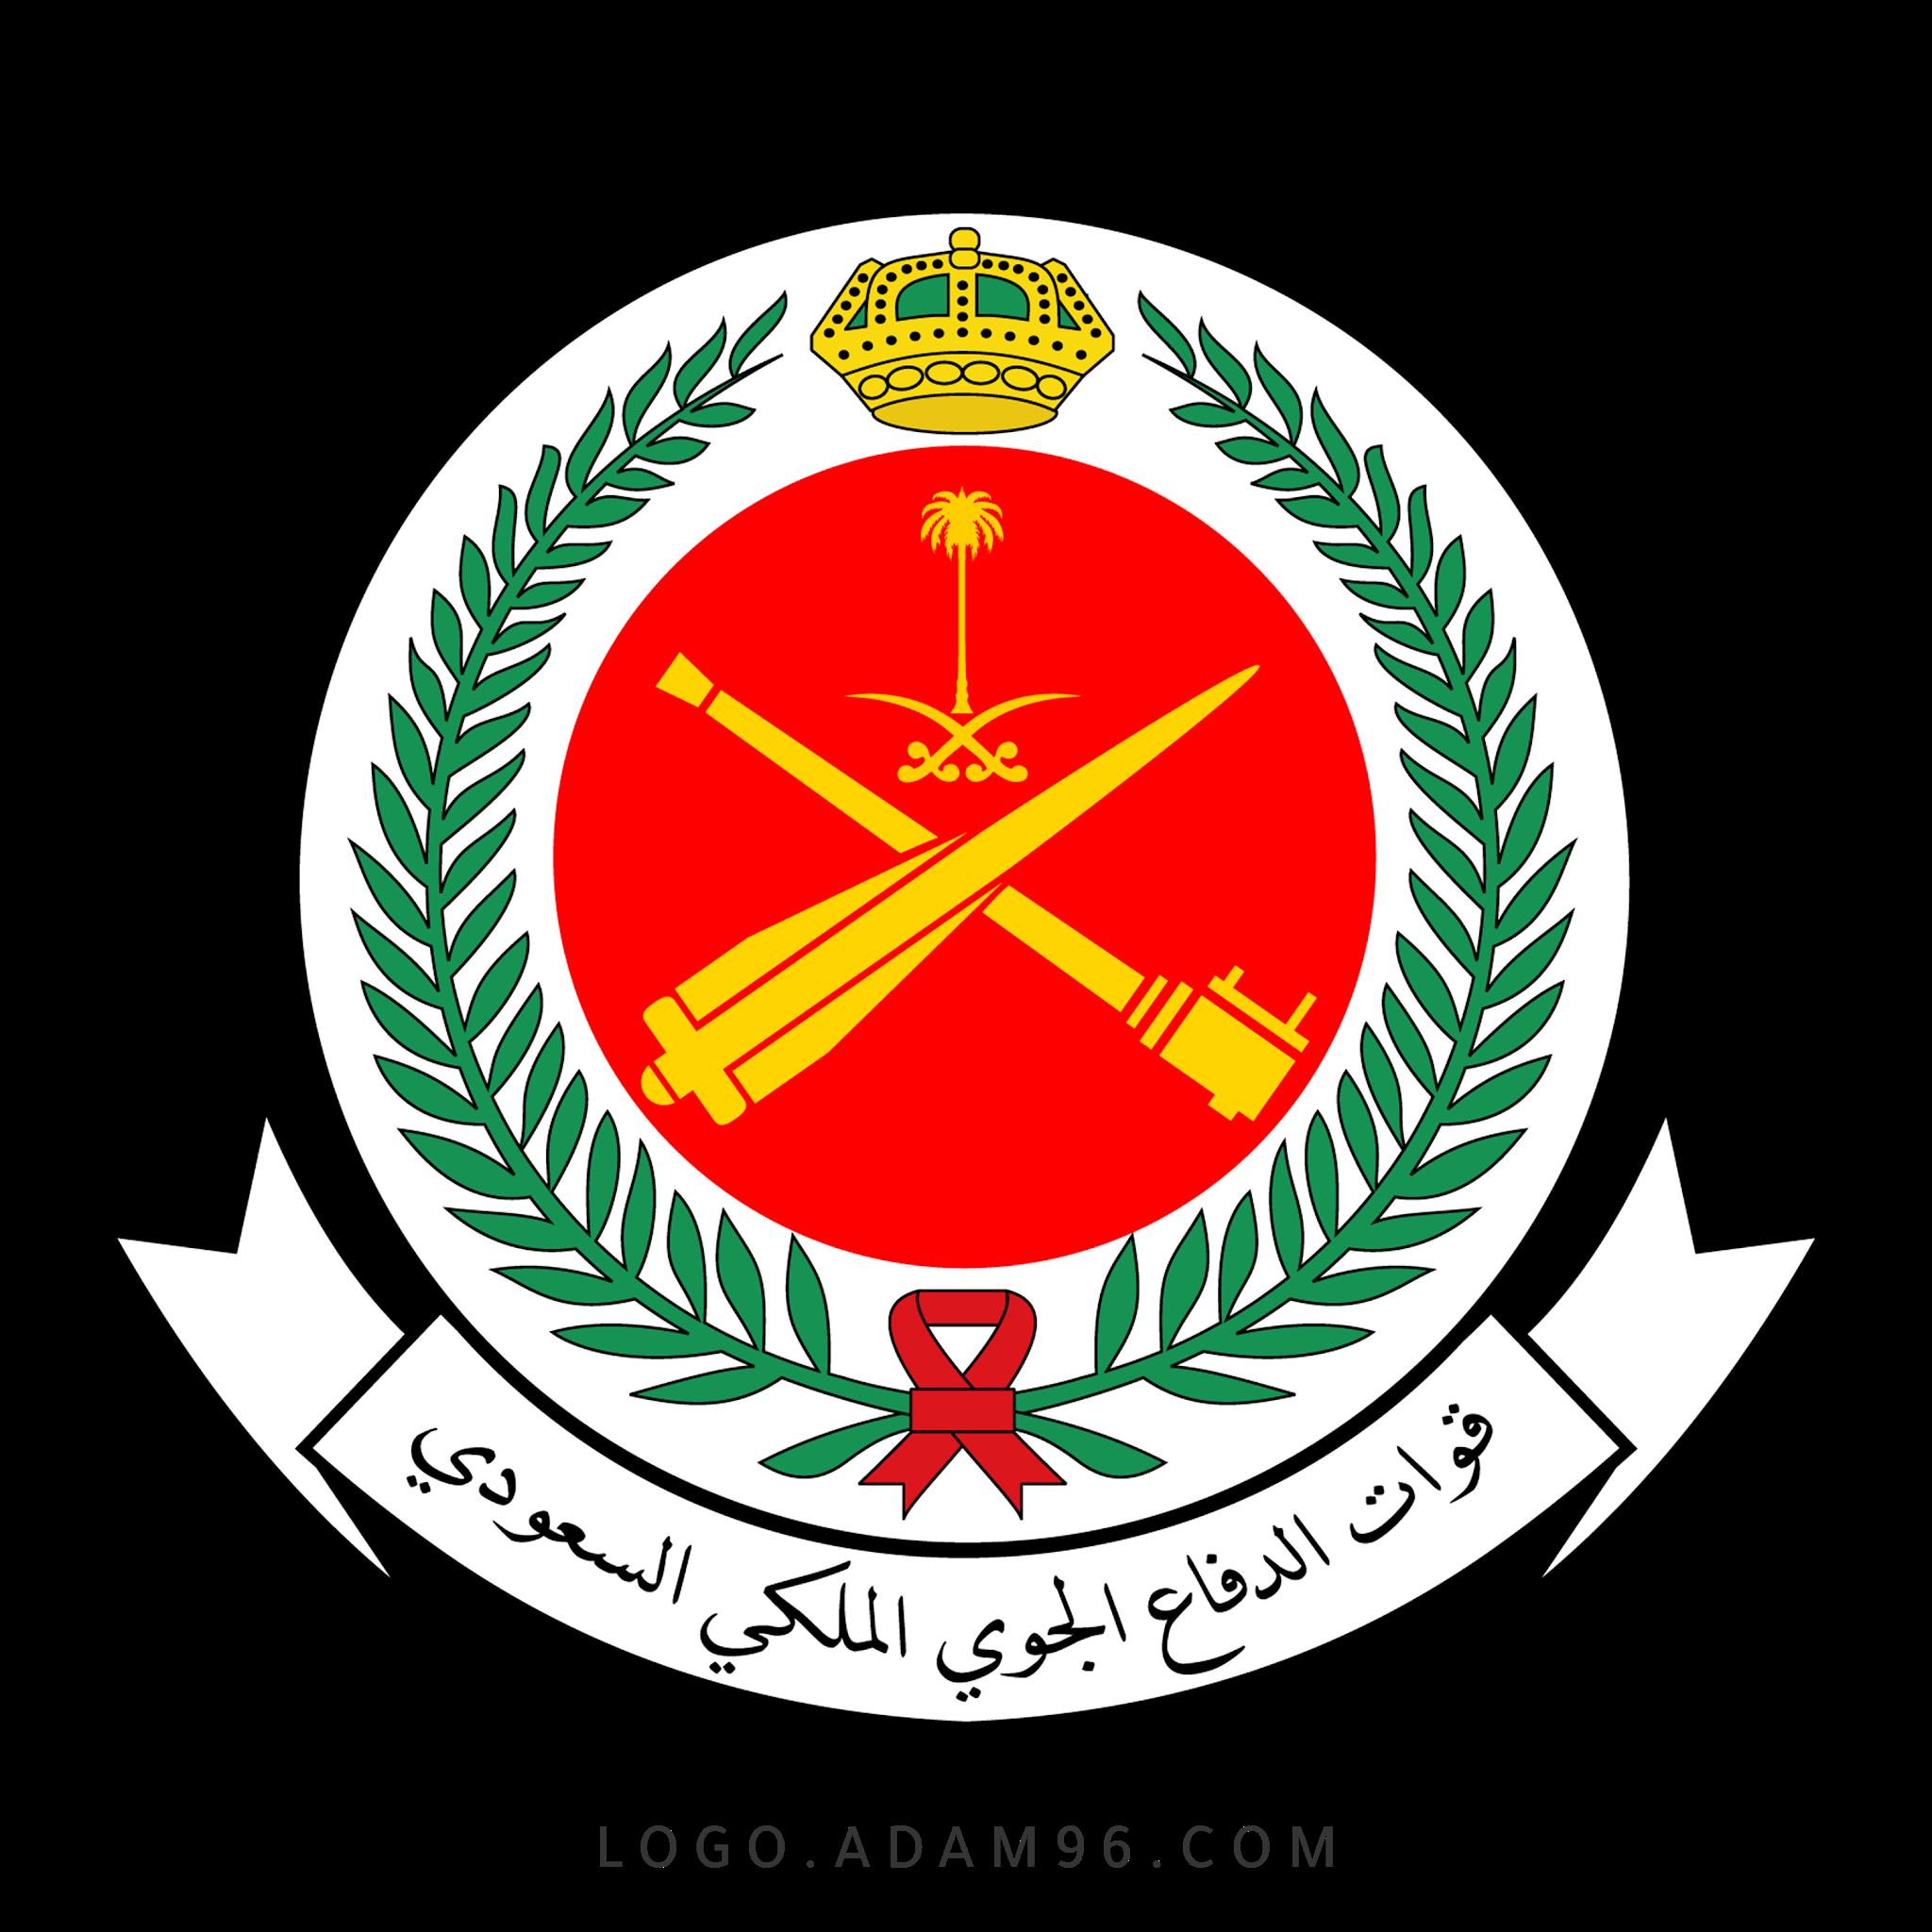 تحميل شعار قوات الدفاع الجوي الملكي السعودي لوجو رسمي بجودة عالية PNG